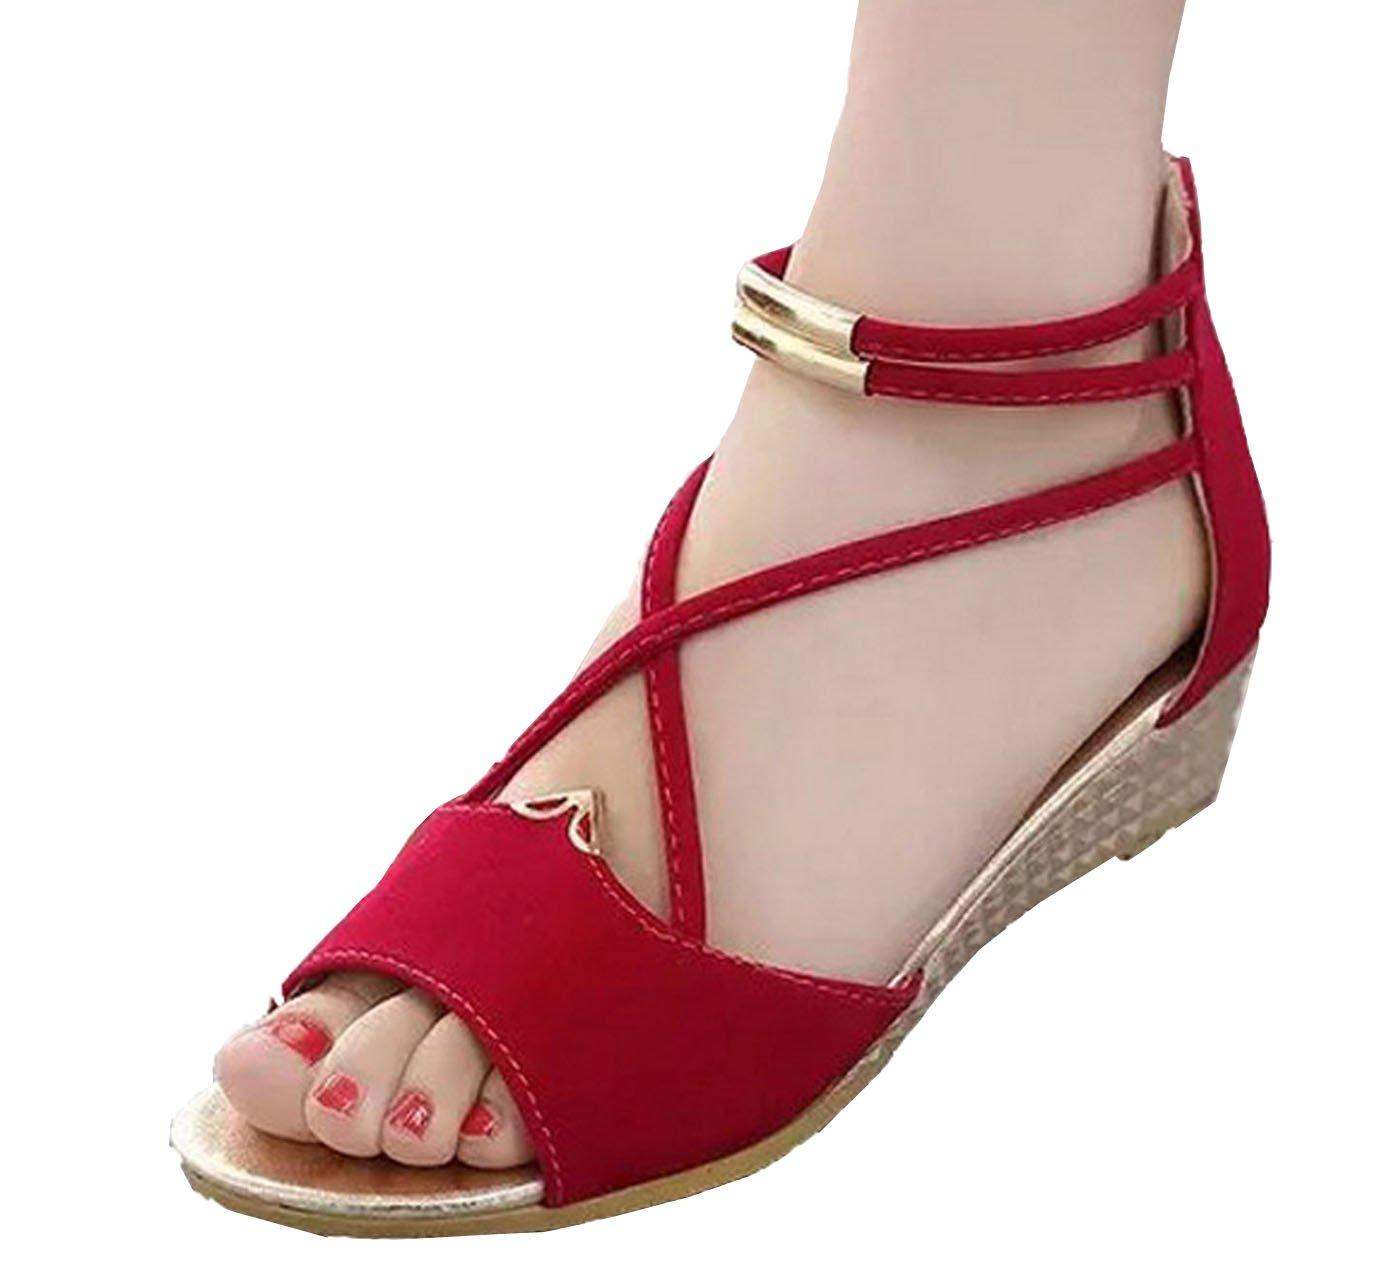 Hee grand Women Roman Style Open Toe Cross Strap Flat Sandals US 8.5 Red